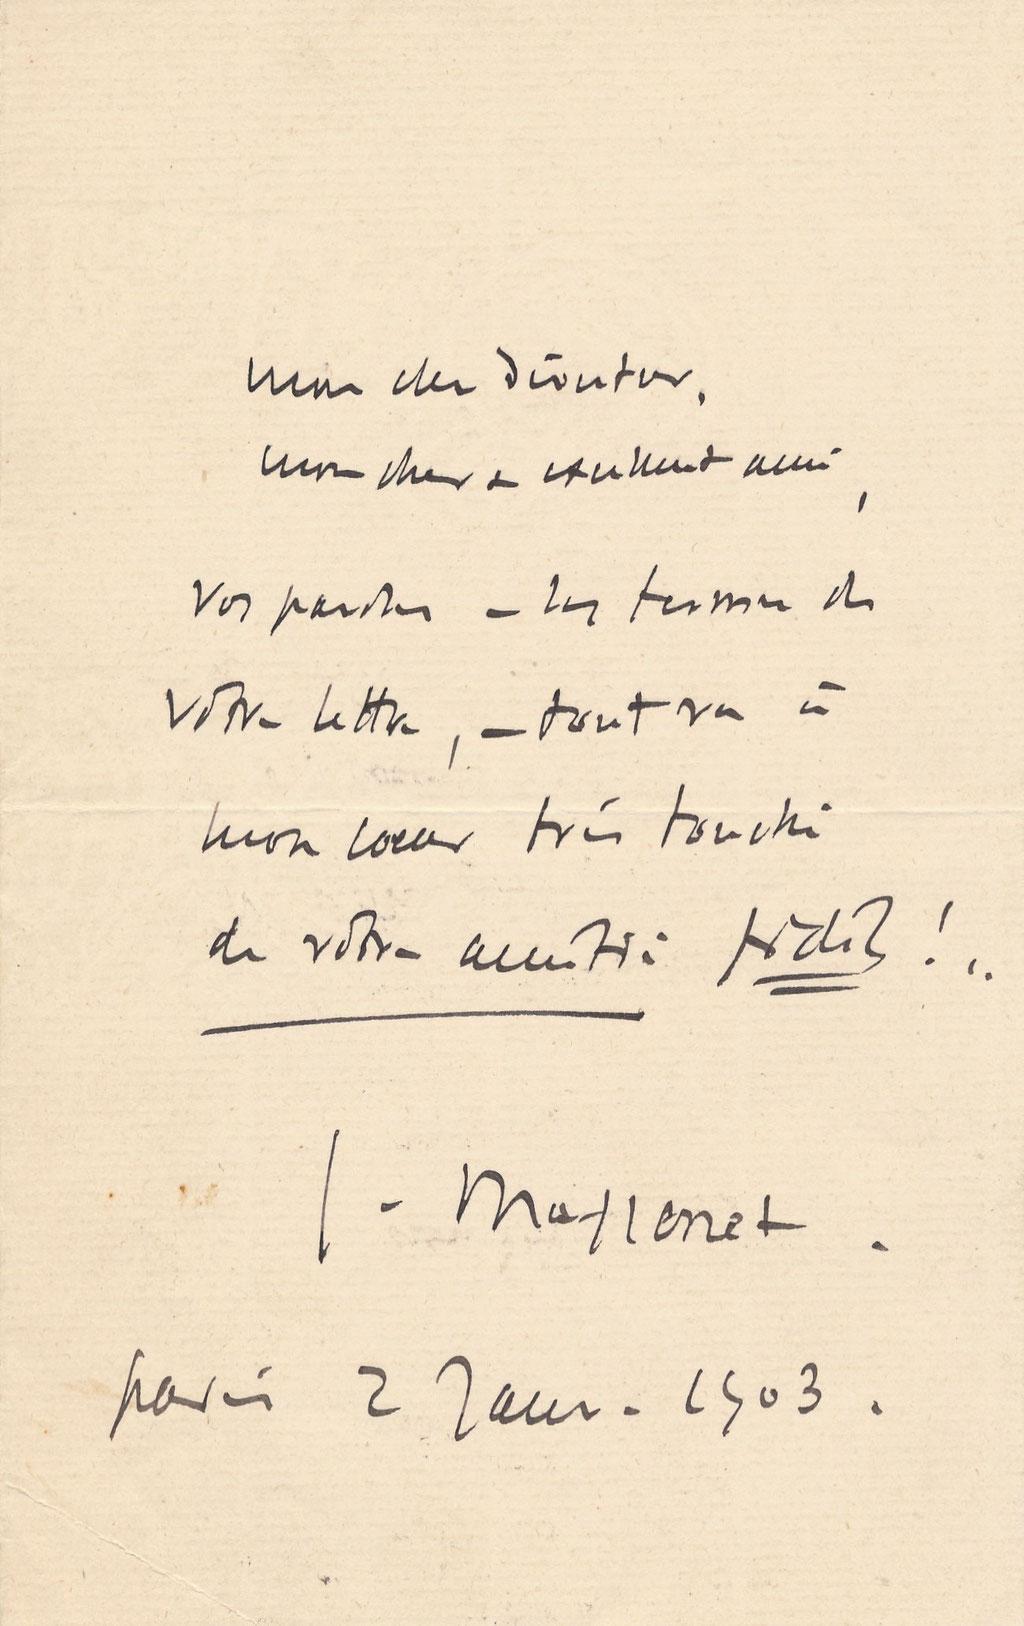 Jules Massenet Lettre autographe signée adressée à un ami